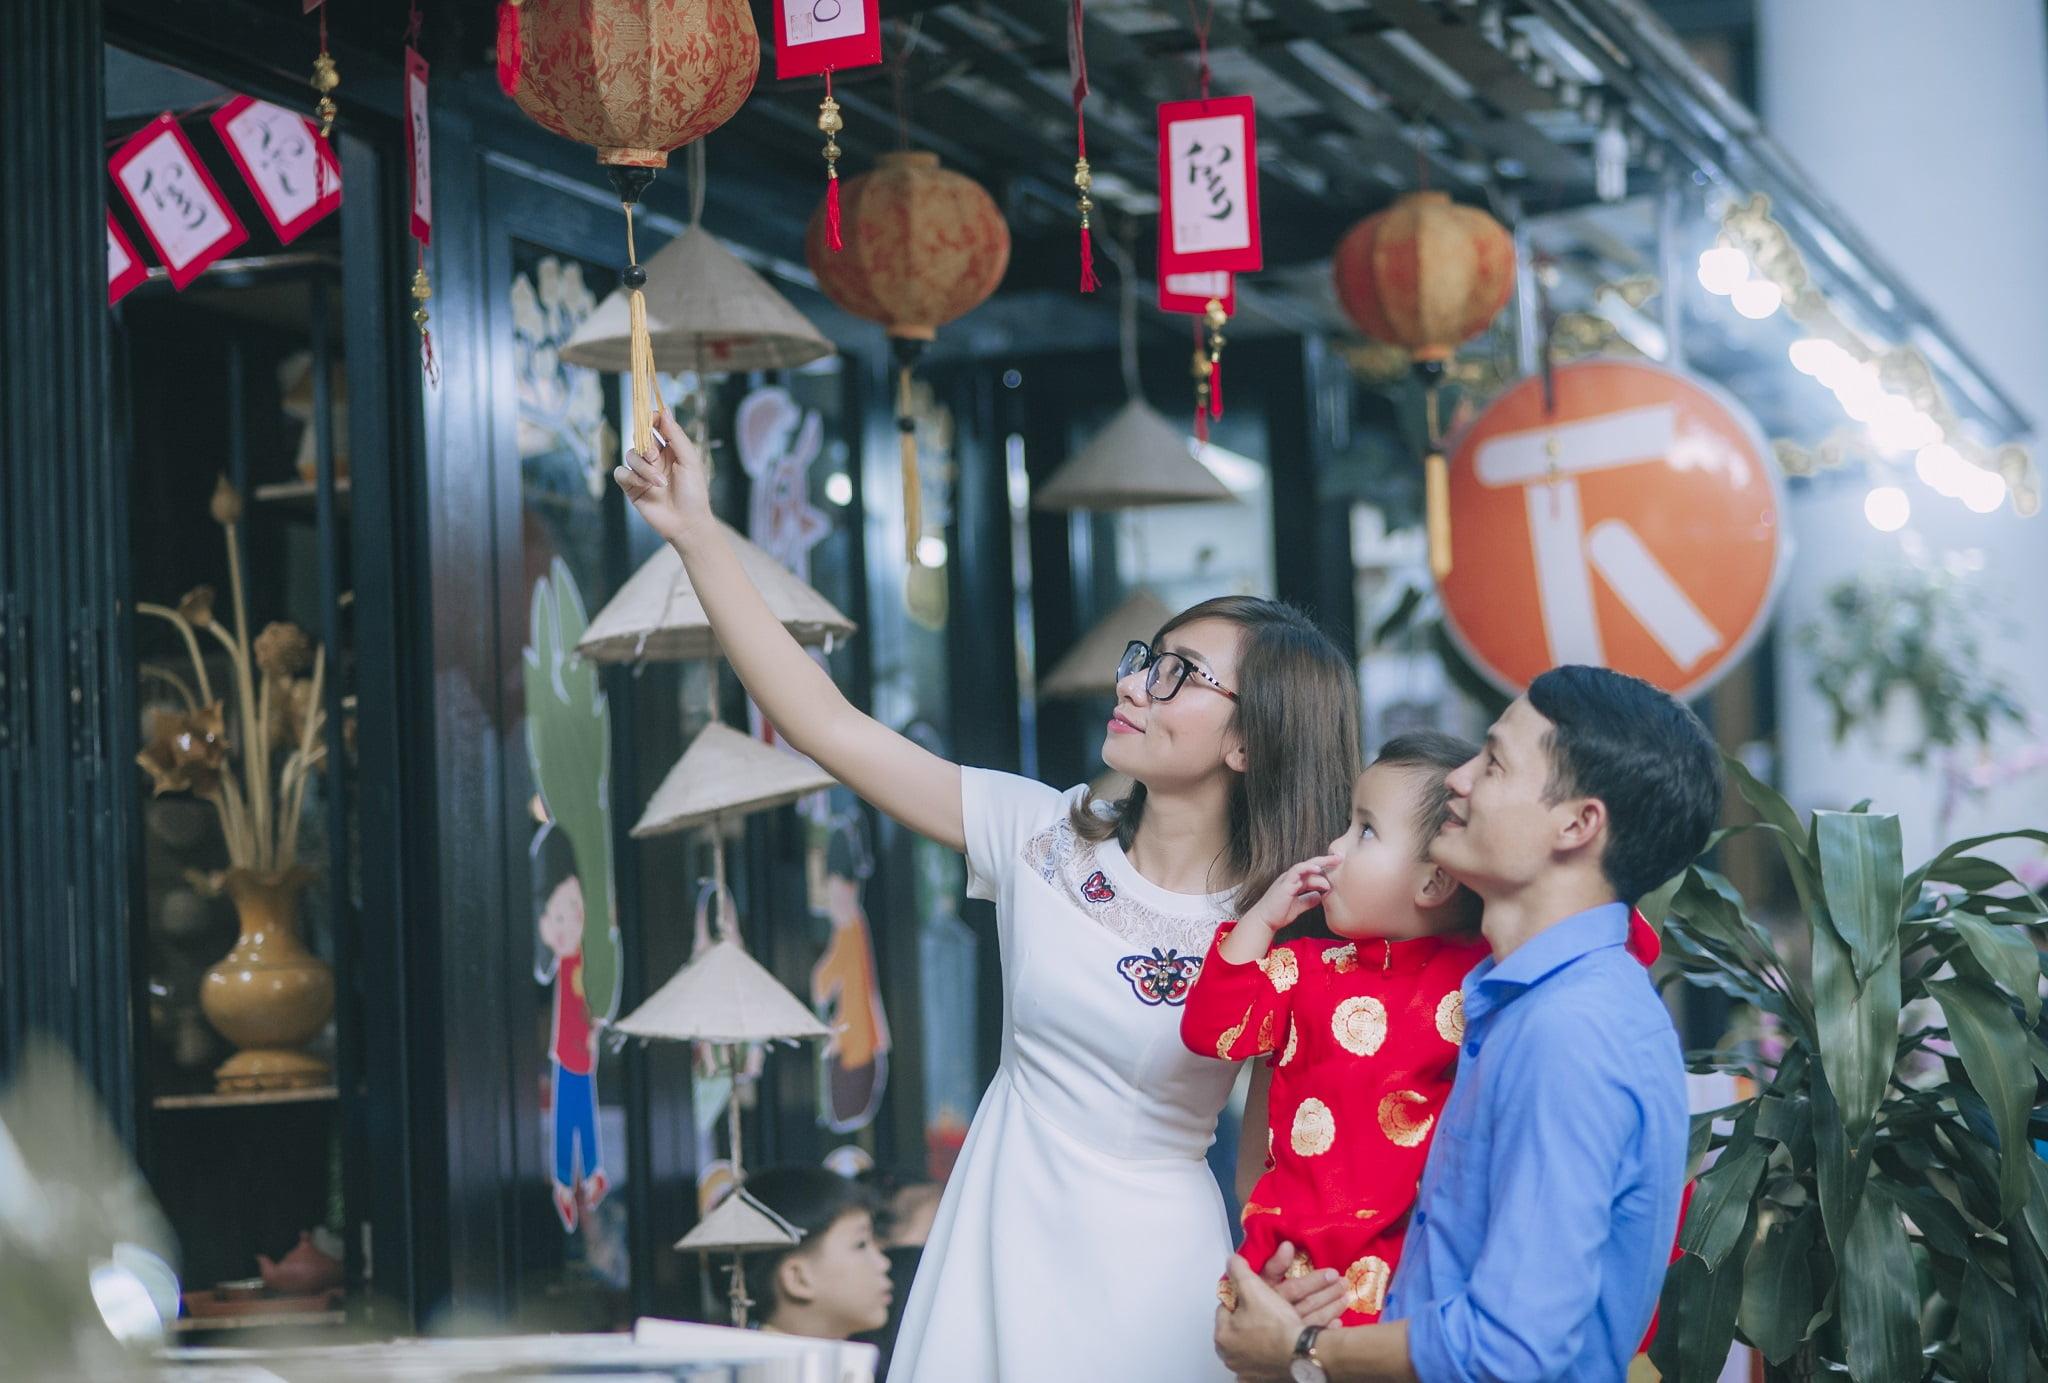 DSC 6744 - Ảnh chụp gia đình anh Phong Hồ, Quận 1 Tp.HCM